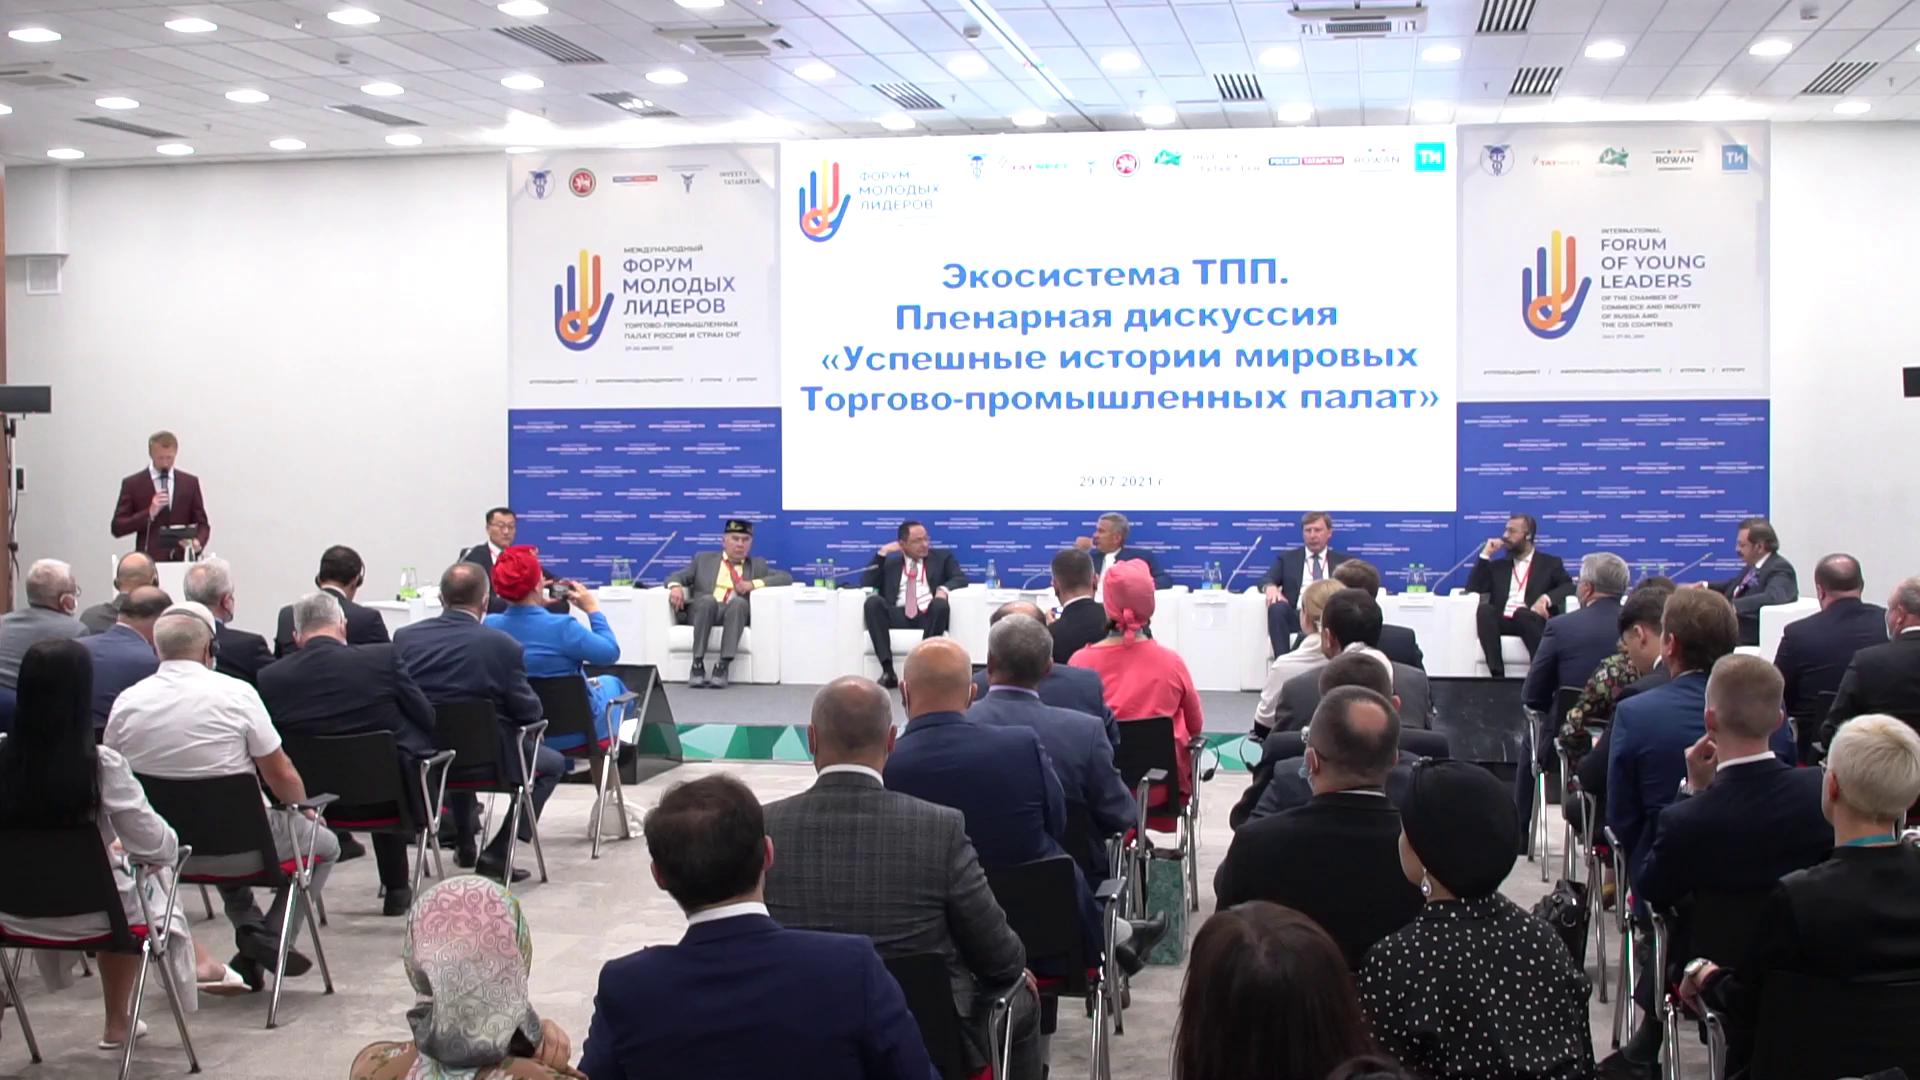 Рустам Минниханов отметил важную роль торгово-промышленных палат в диалоге бизнеса и власти